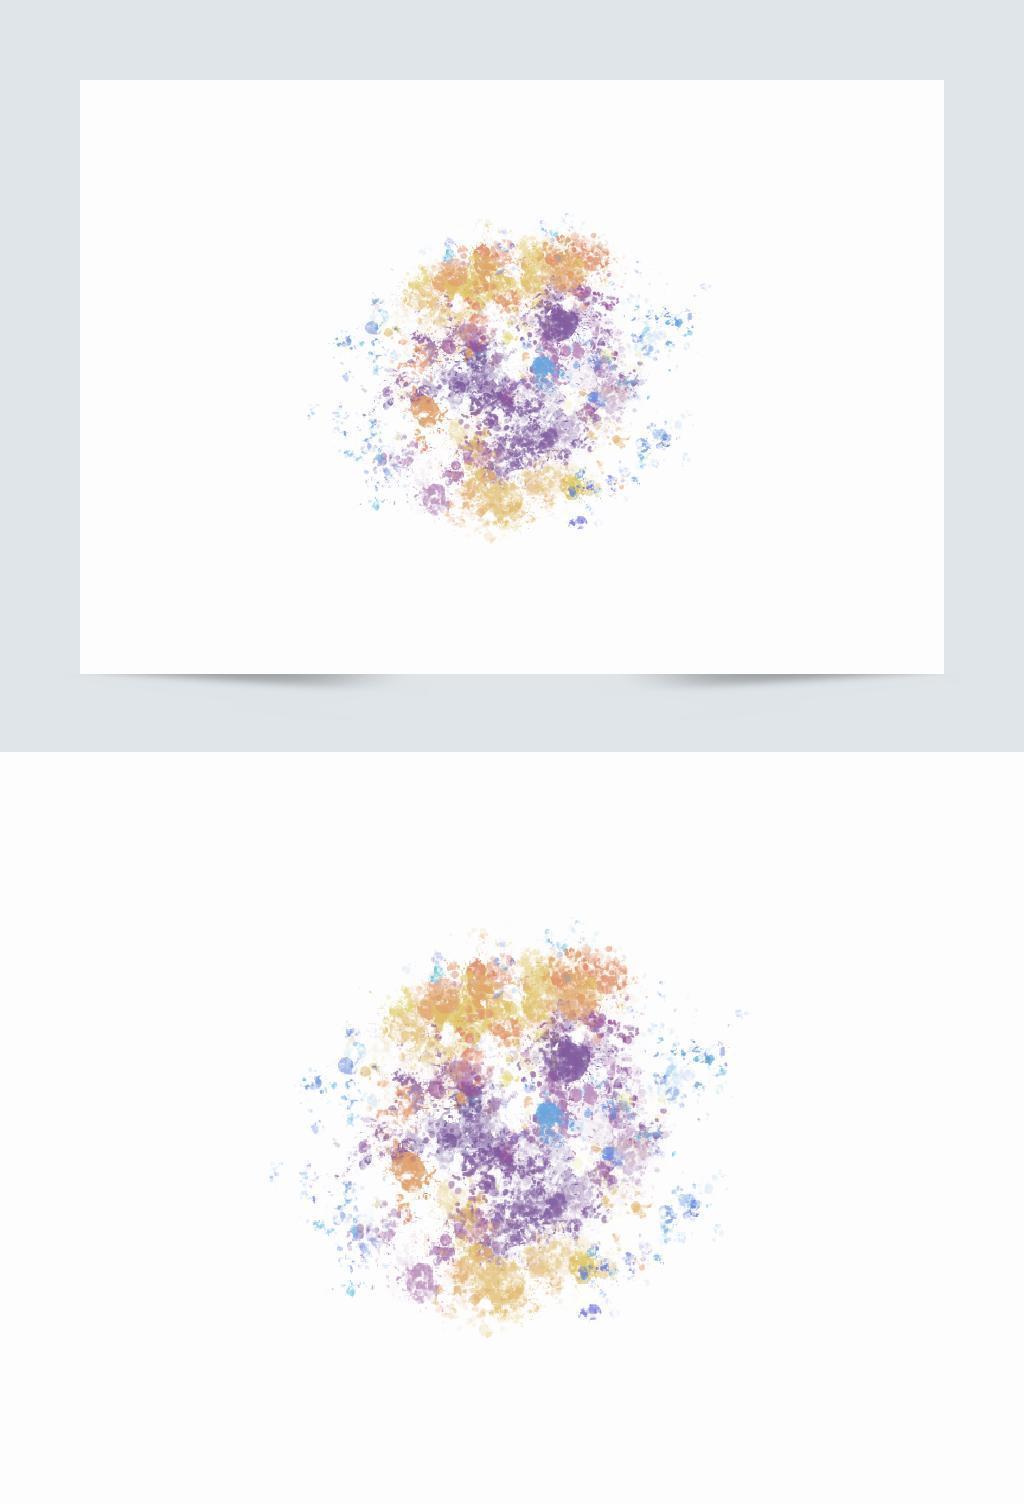 互联网海报简约艺术彩色笔触喷溅喷绘效果